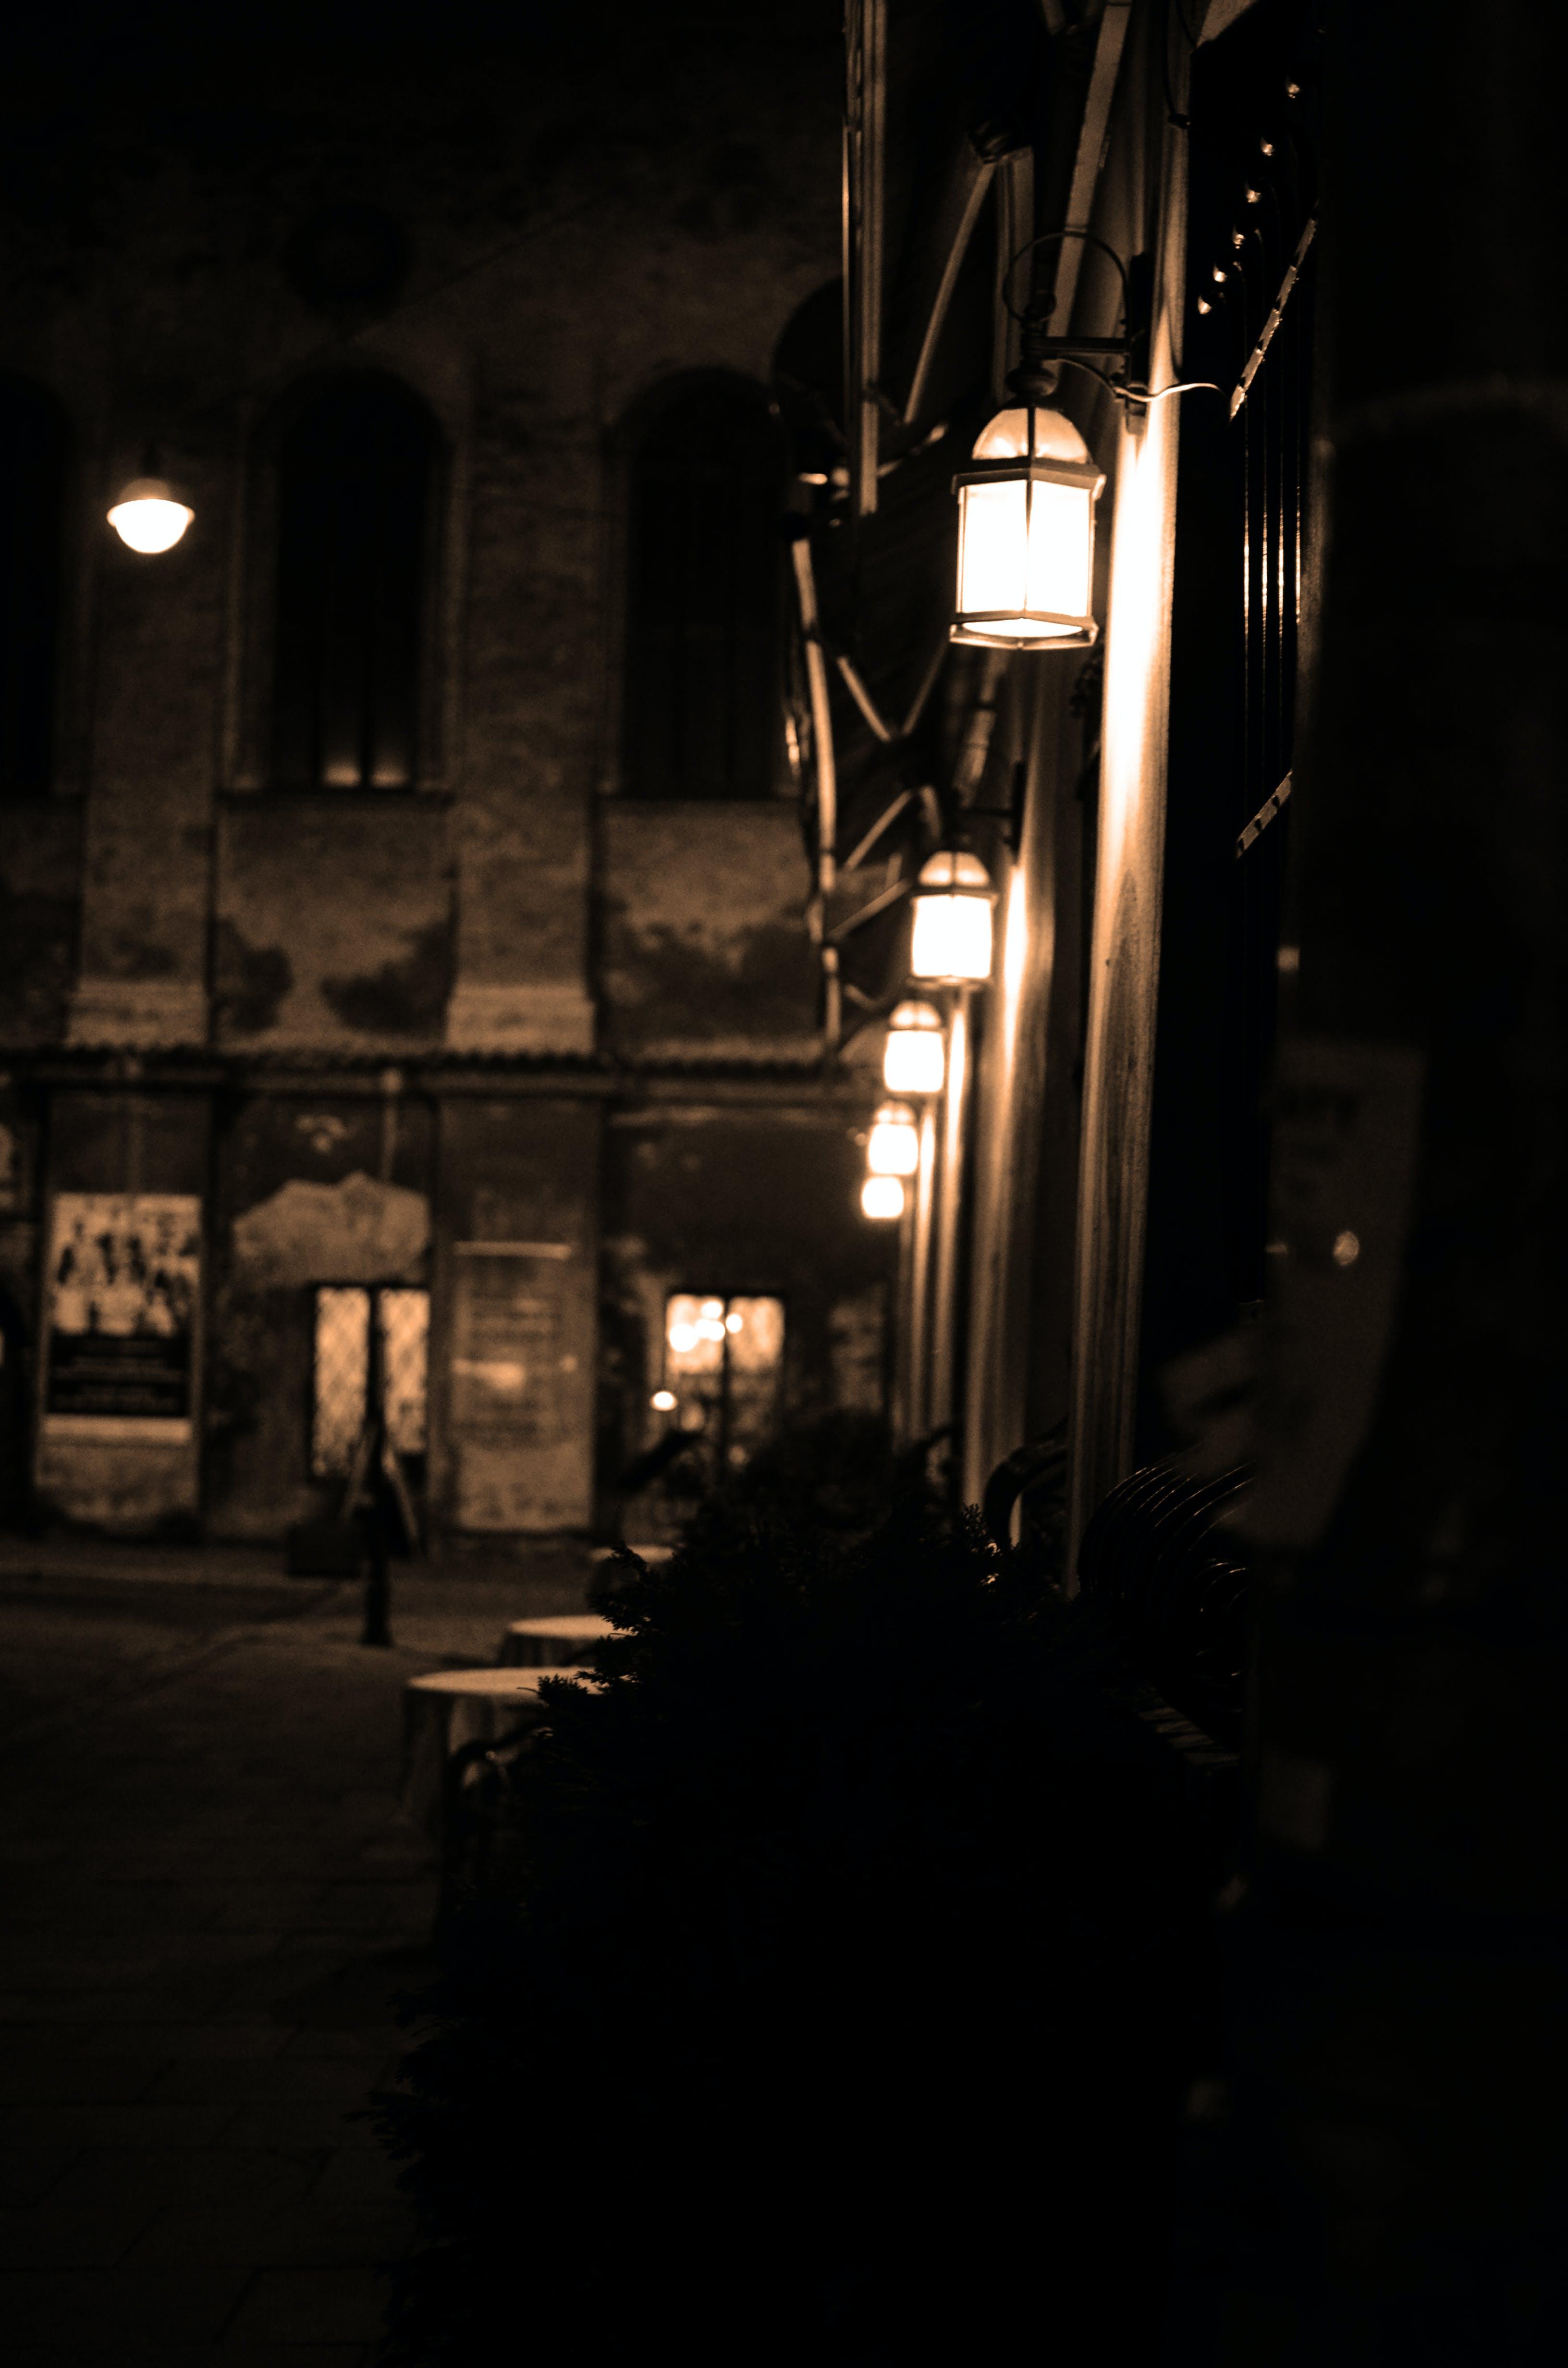 Ảnh lưu trữ miễn phí về nâu đỏ, tối, đêm, đèn